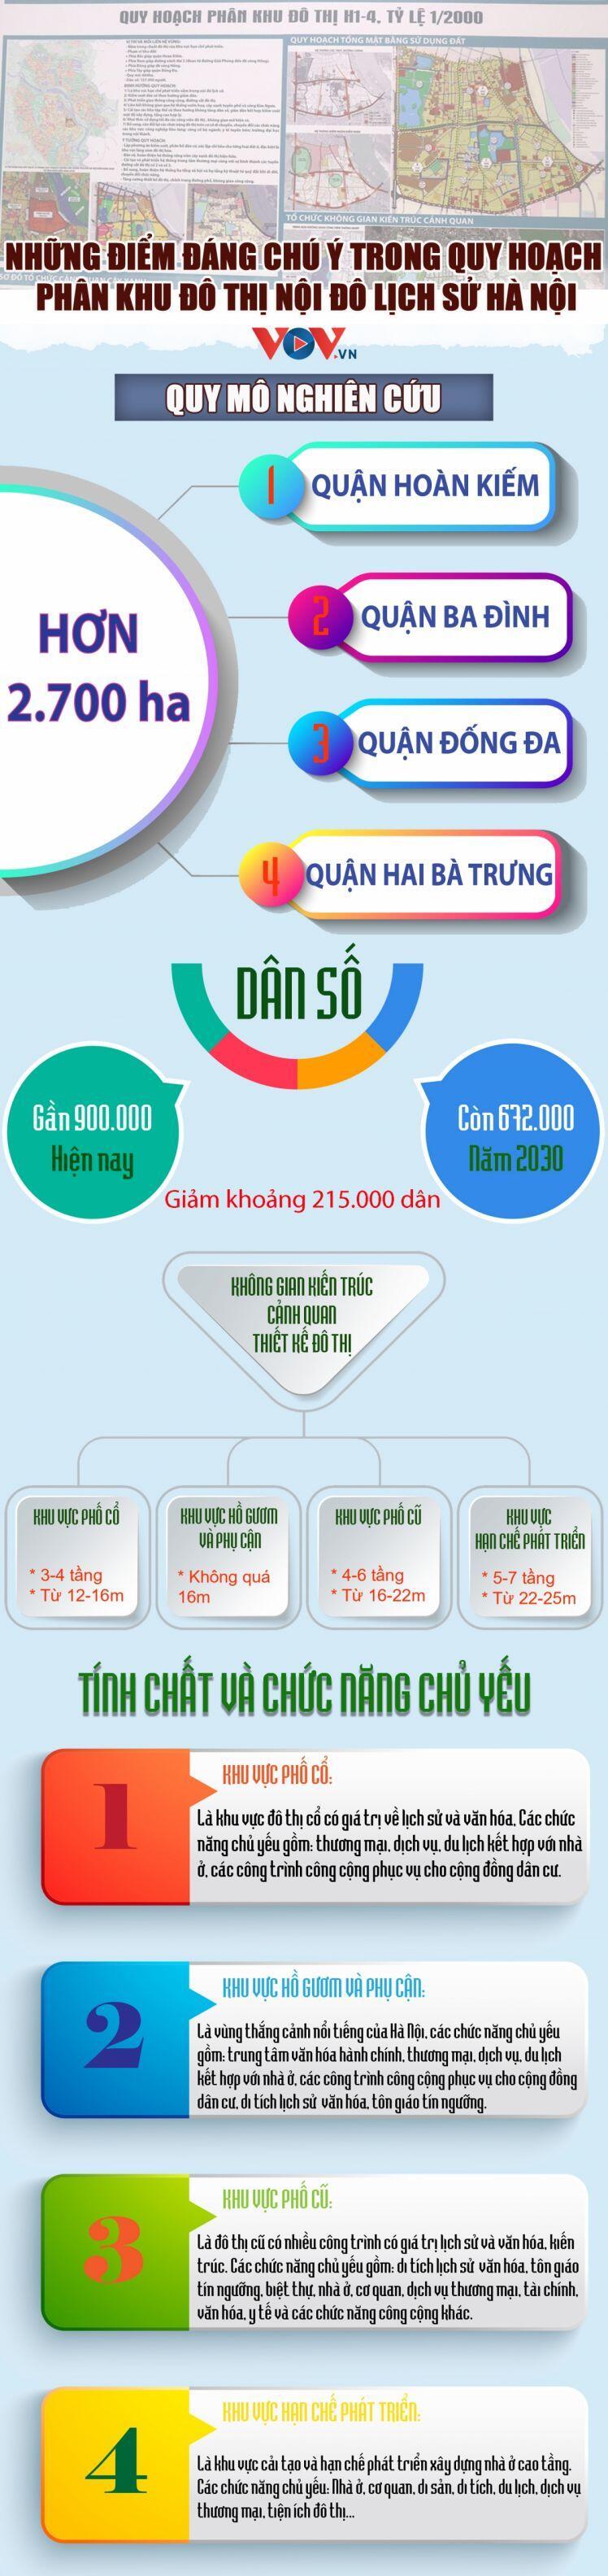 Những điểm đáng chú ý trong Quy hoạch phân khu đô thị nội đô lịch sử Hà Nội